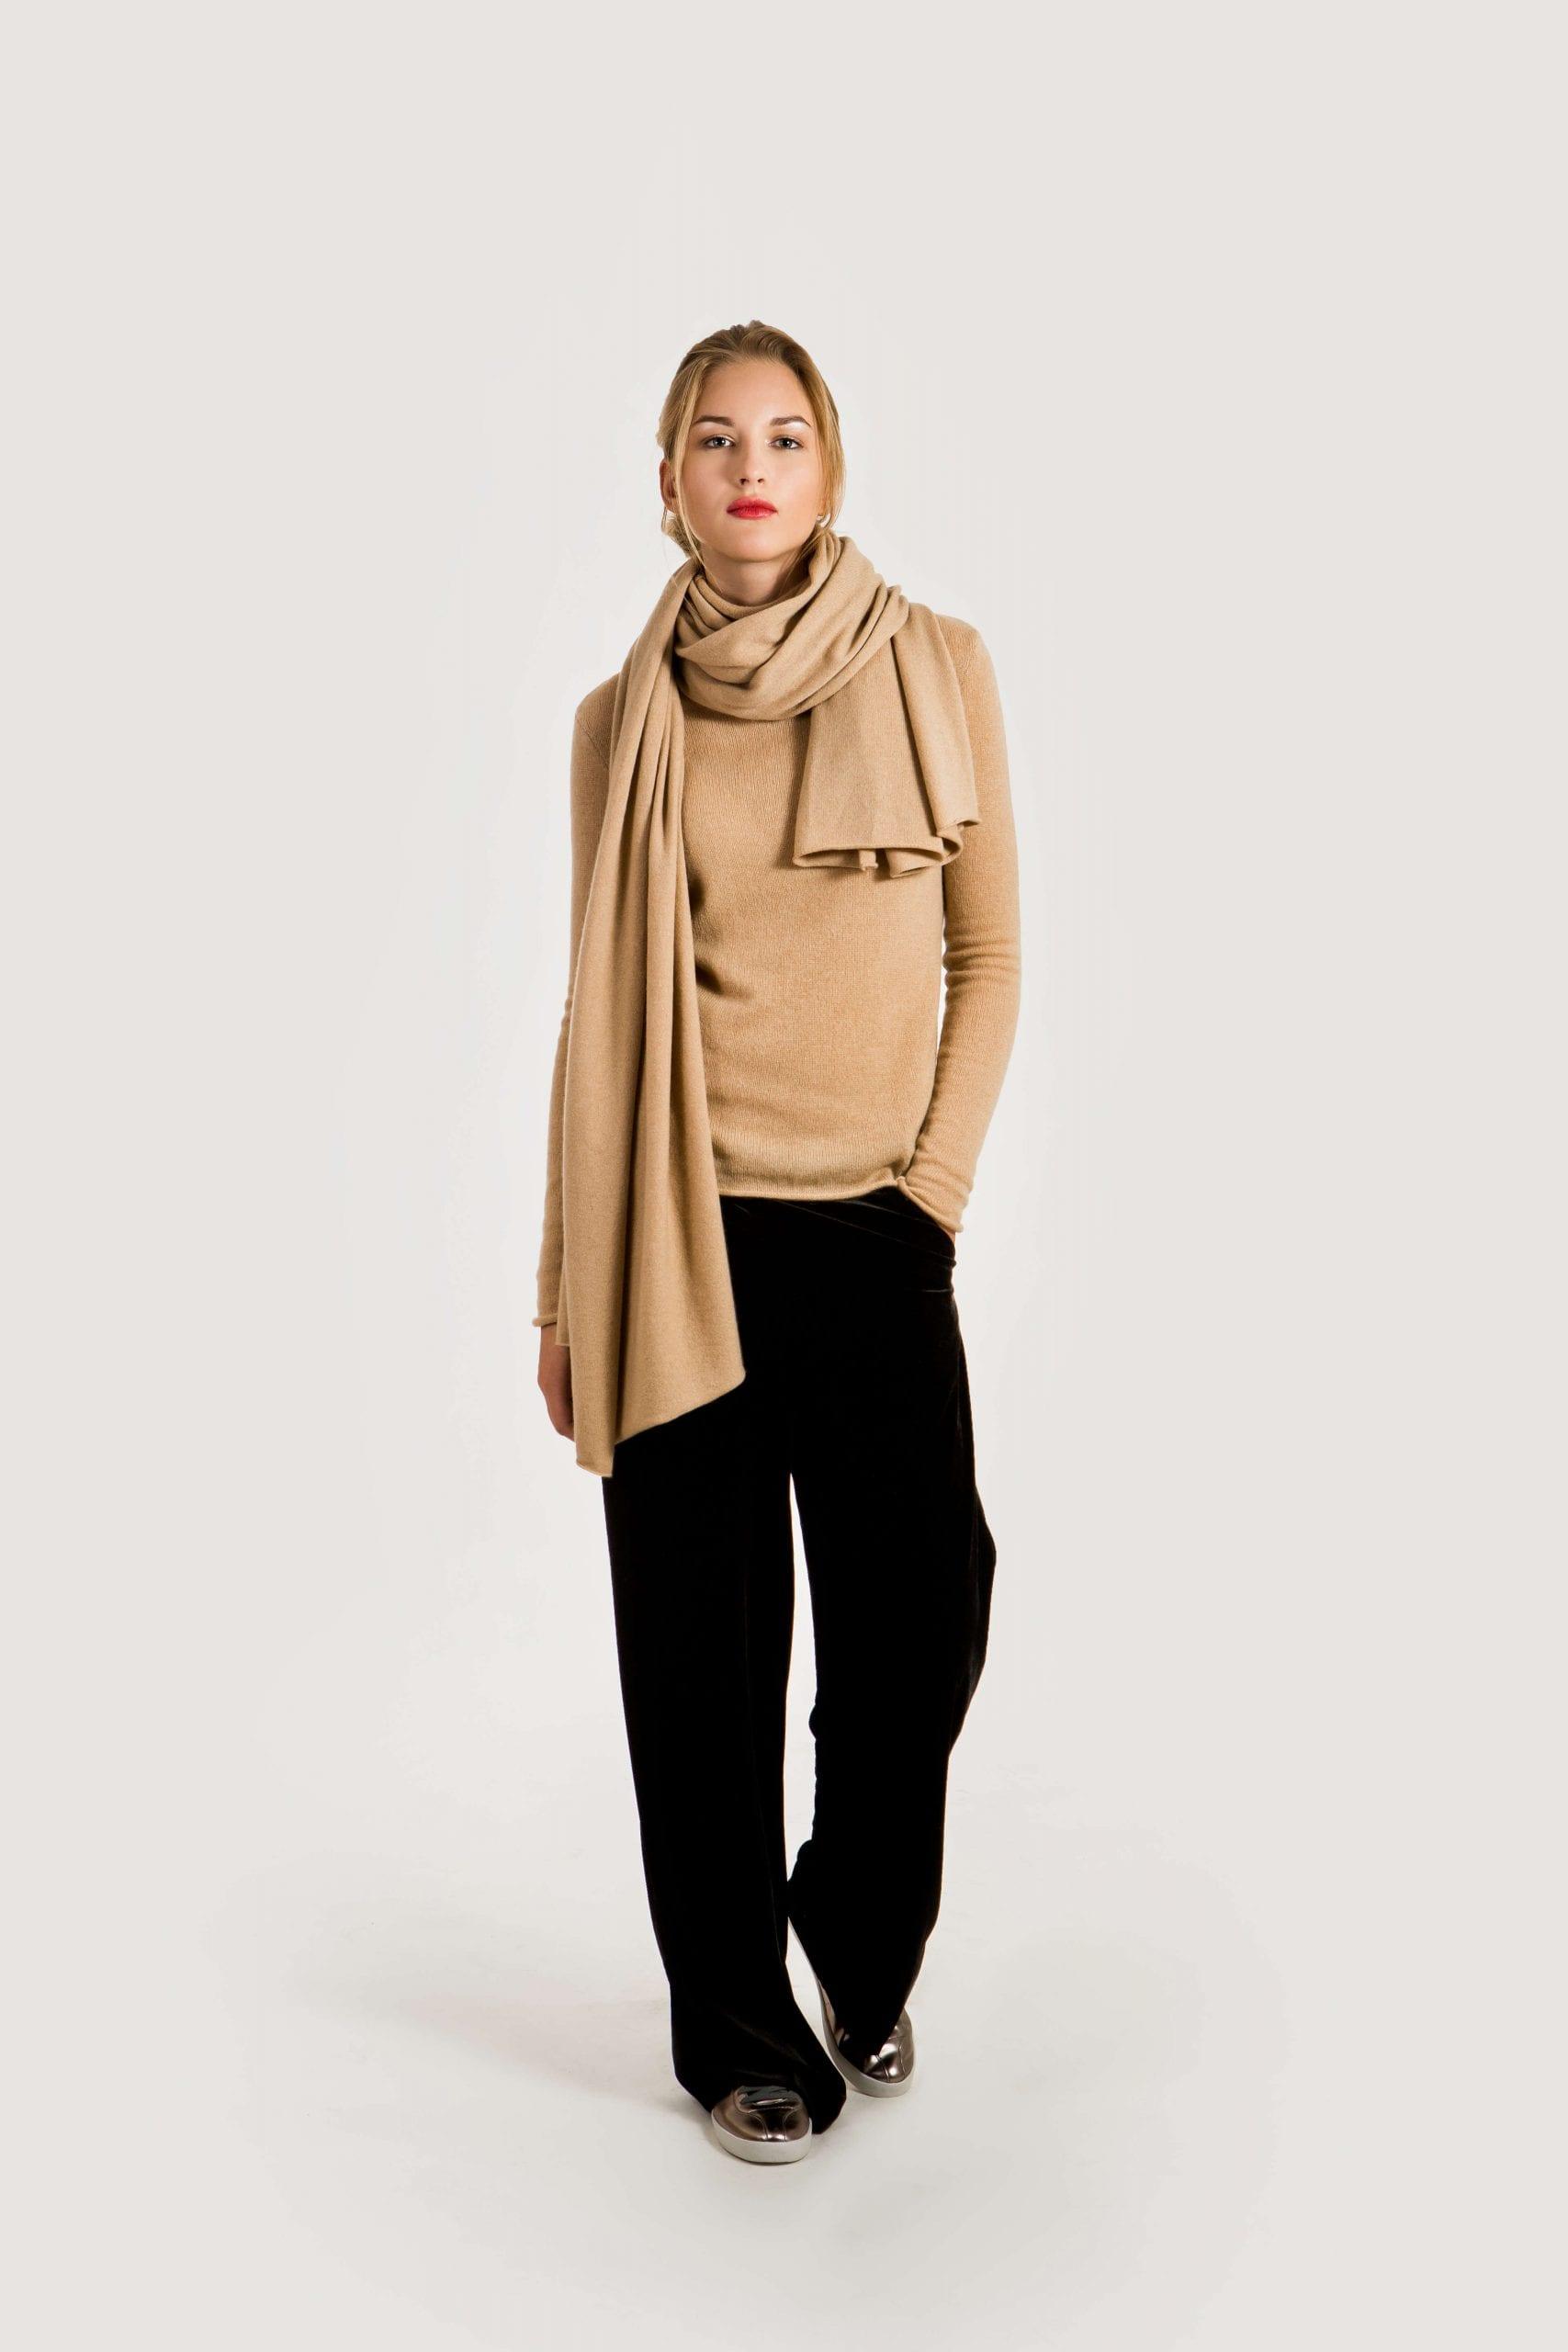 Kamel Kaschmir Strickschal Camel Beige für Damen ALEX